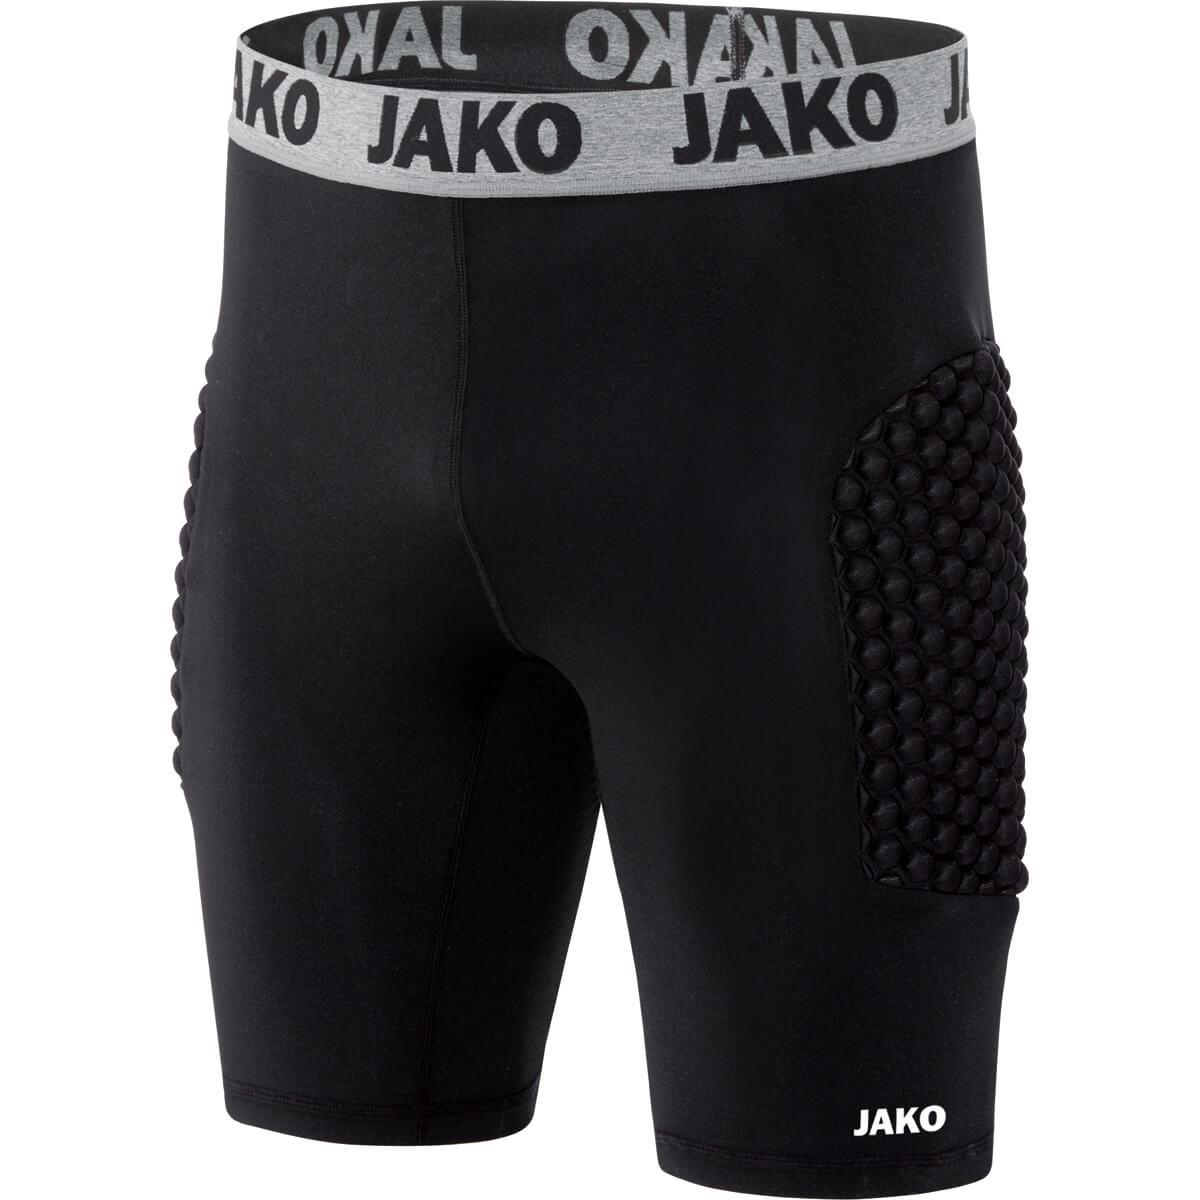 Jako TW-Underwear Tight Herren 8986  | div. Größen / Farben